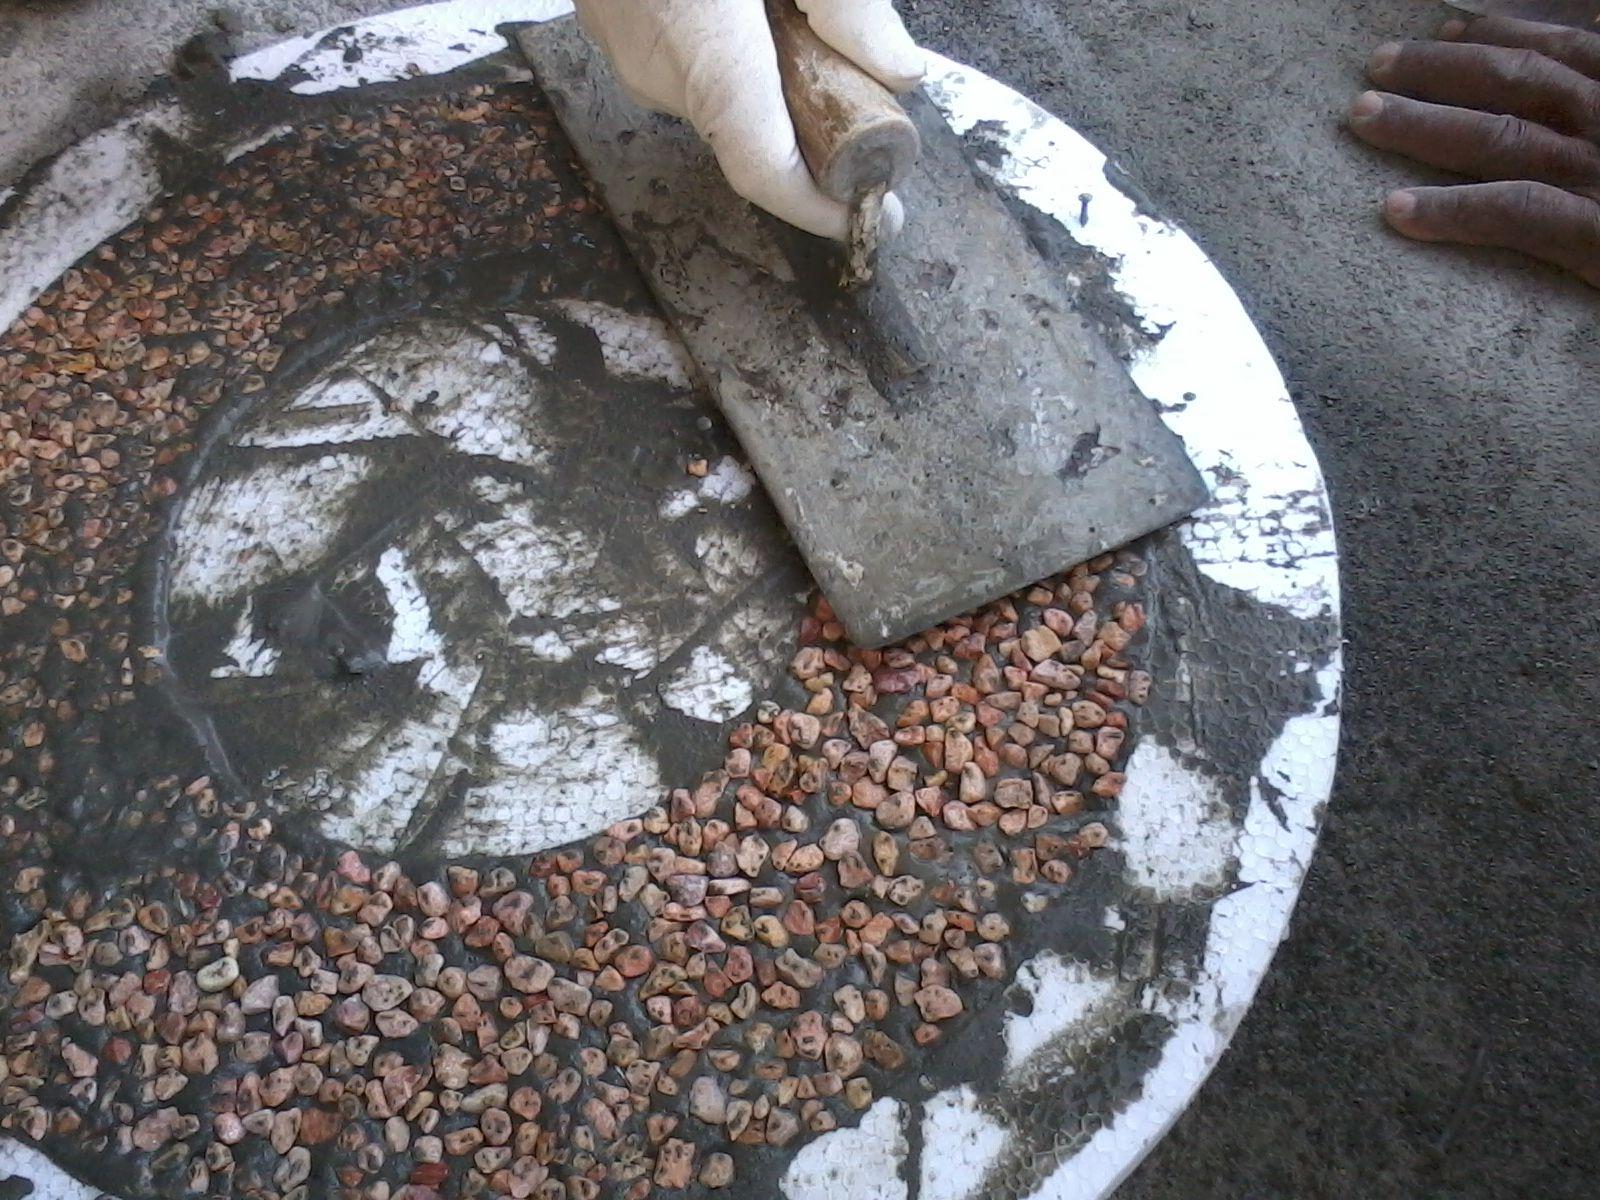 Proses Pasang Batu Sikat 1 Bahan Cetakan Styrofoam Dipasang Sesuai Templek Motif